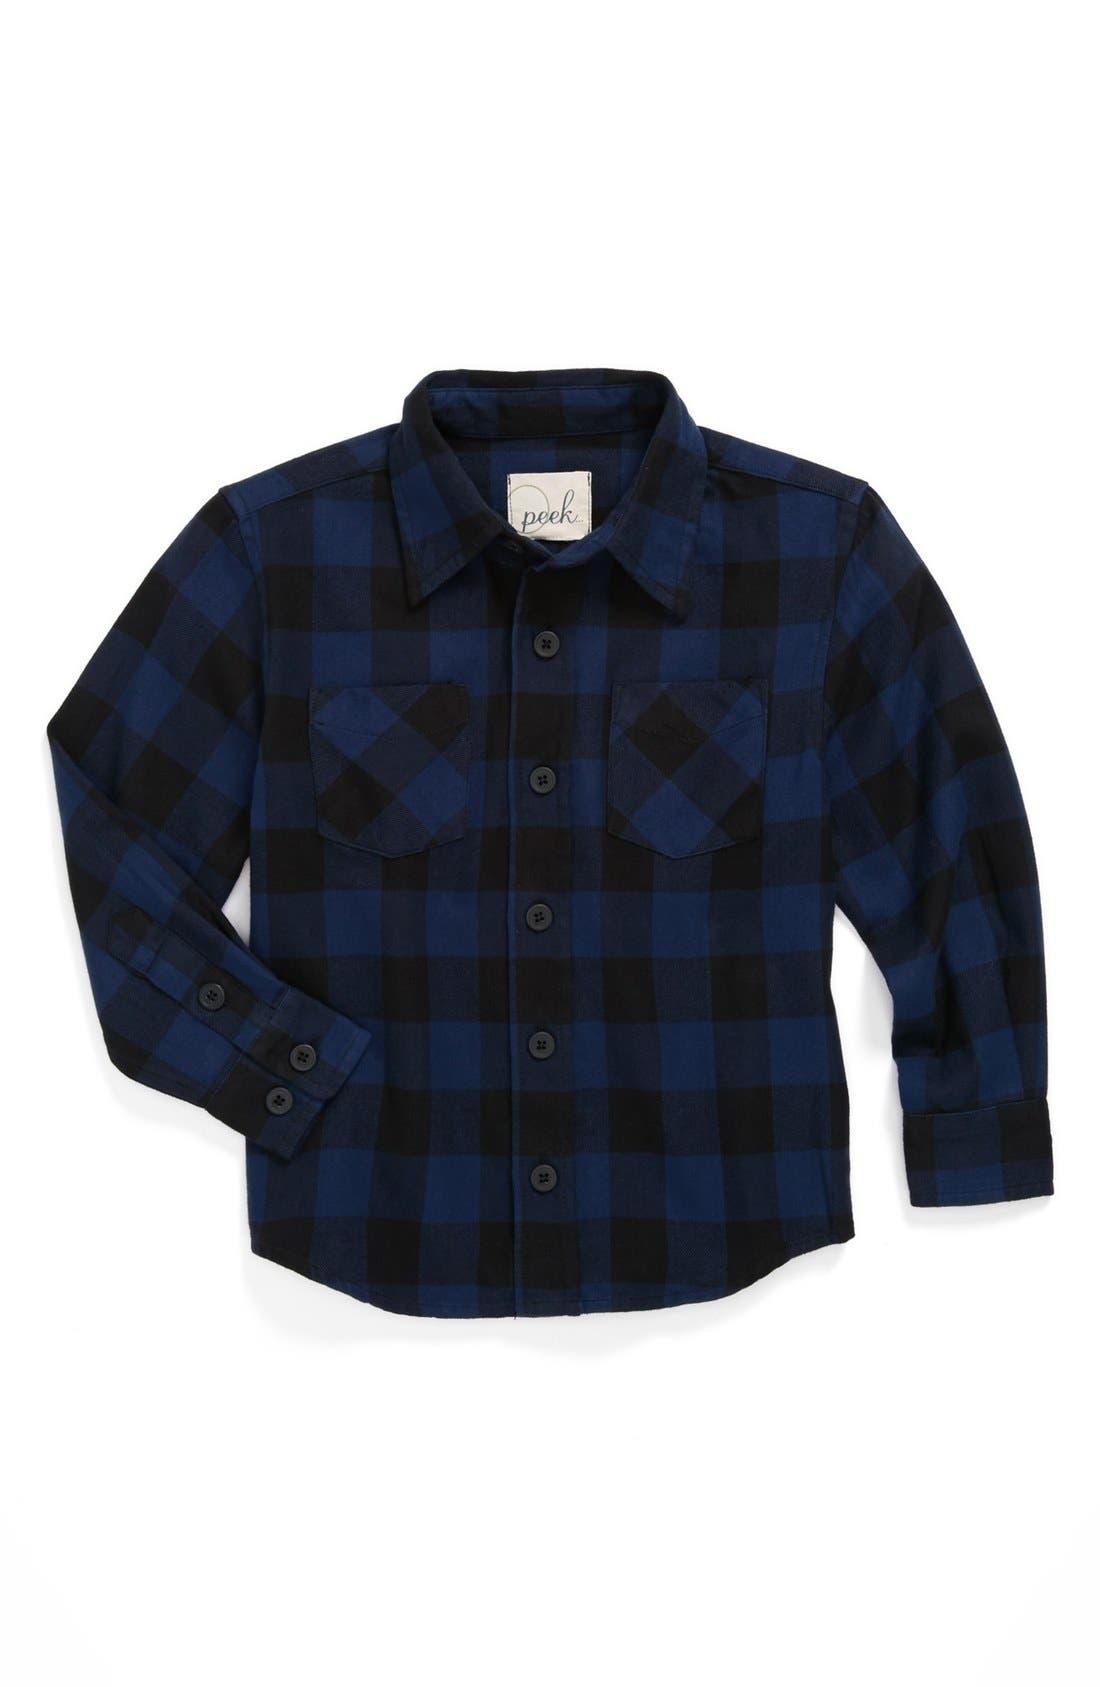 Main Image - Peek Plaid Shirt & Jeans (Baby Boys)